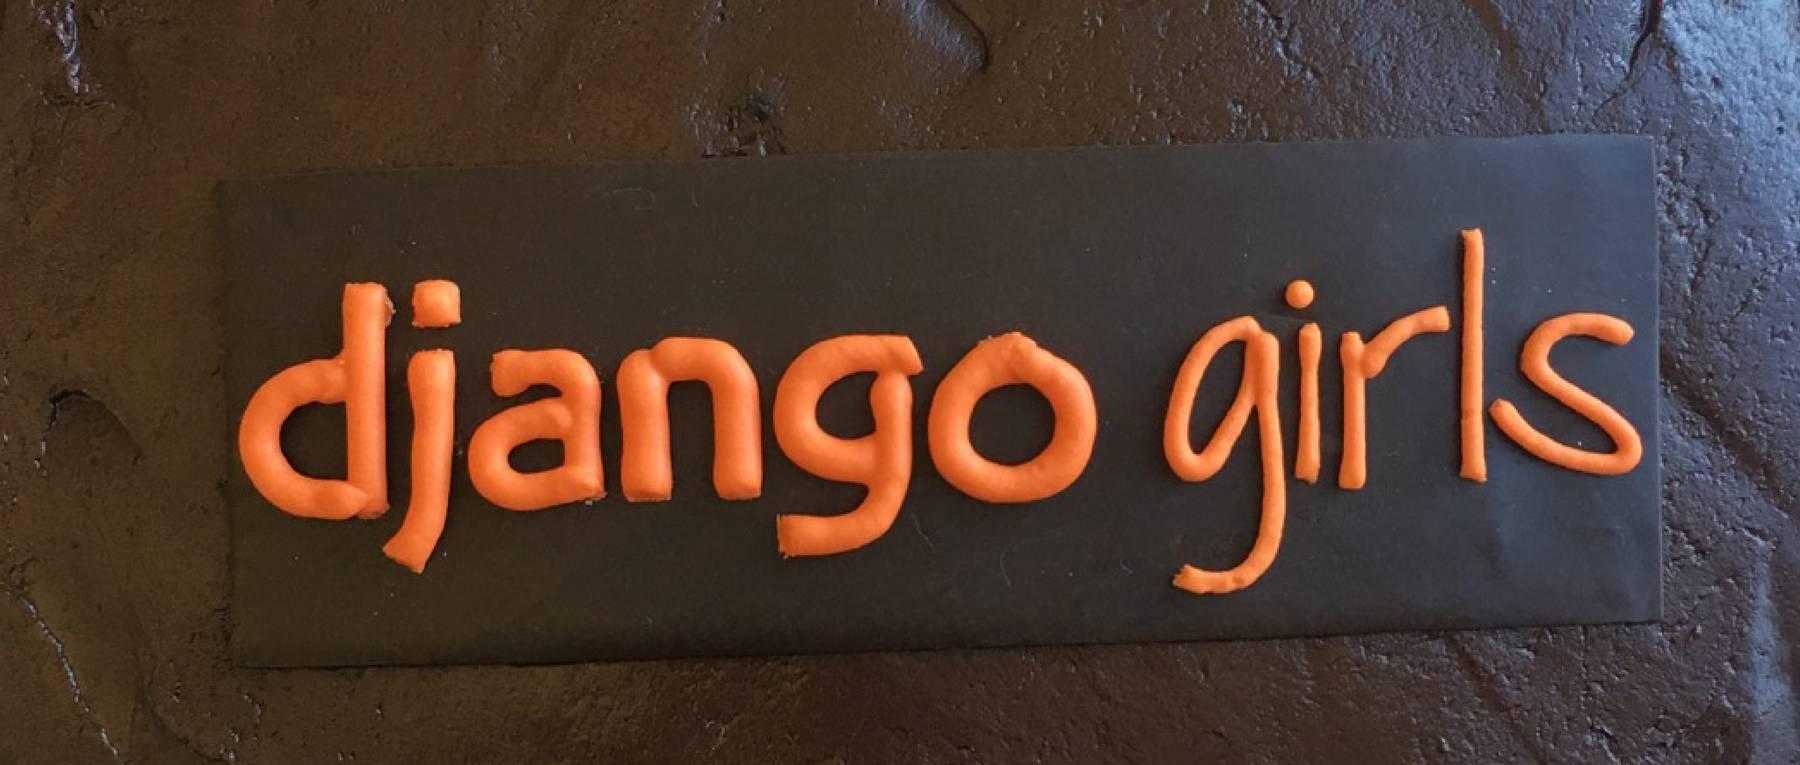 blog - django cake - hero